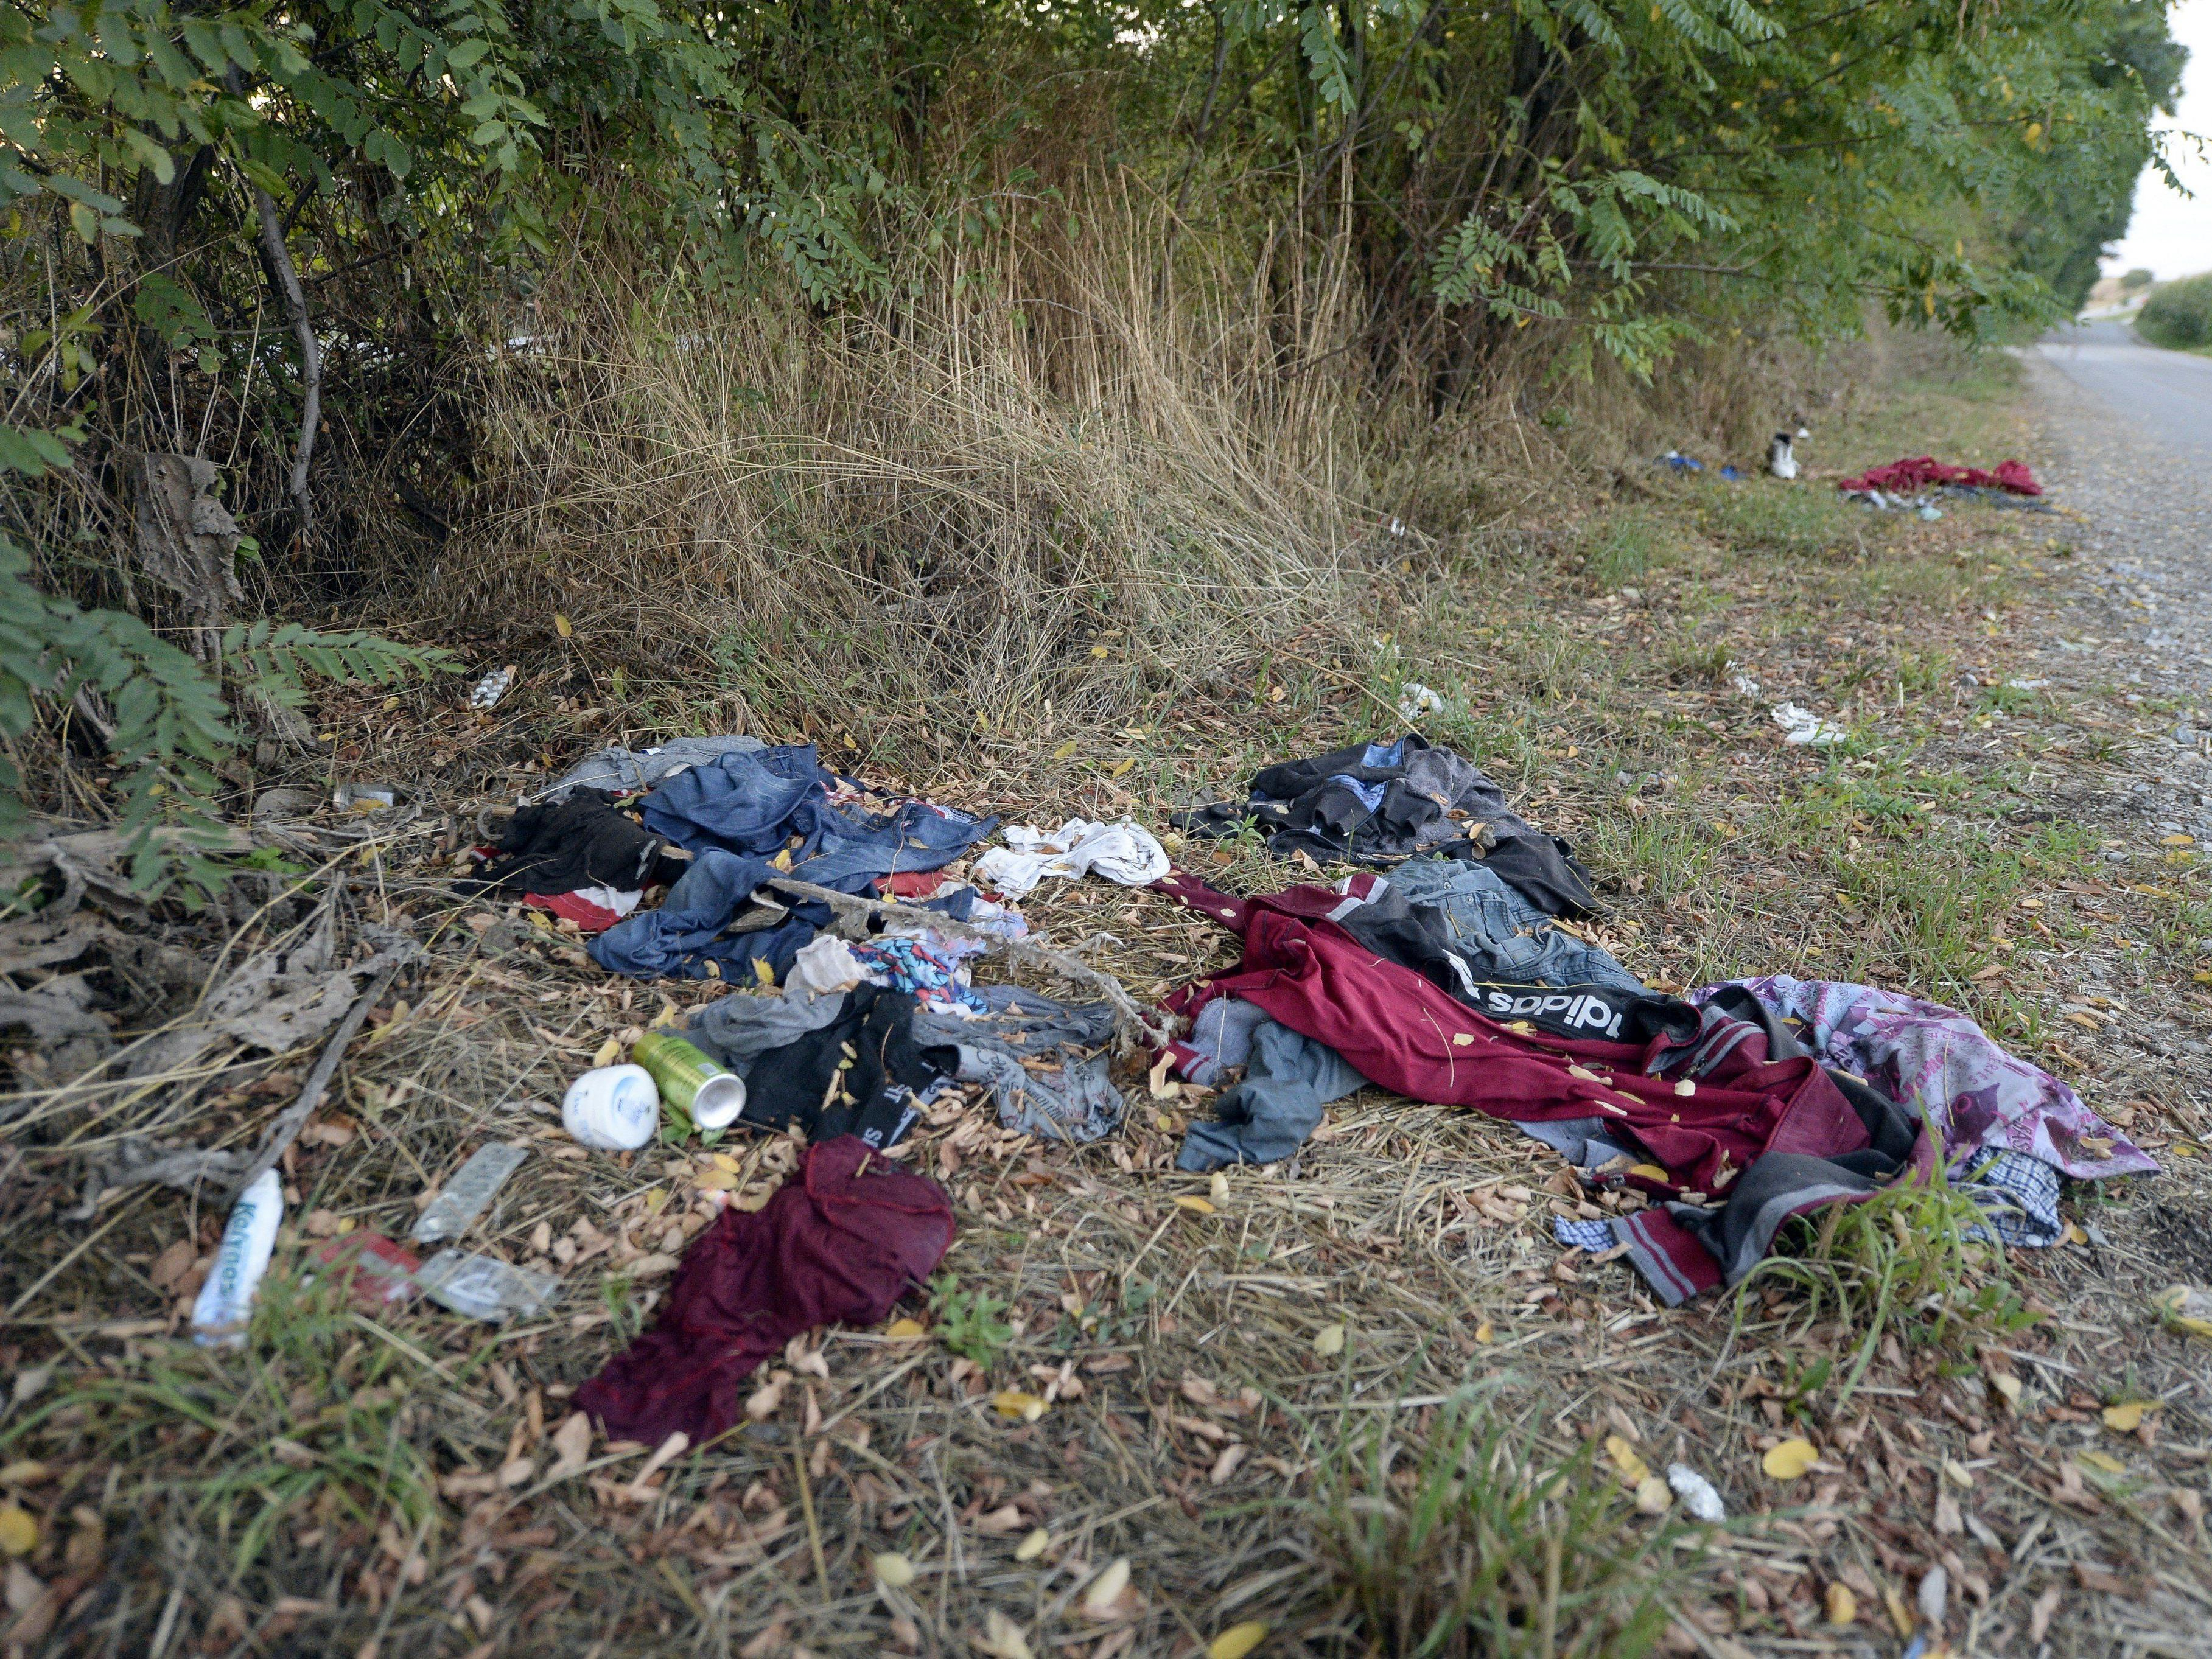 Zwischen 20 und 50 Tote wurden in einem Schlepperfahrzeug auf der A4 entdeckt.